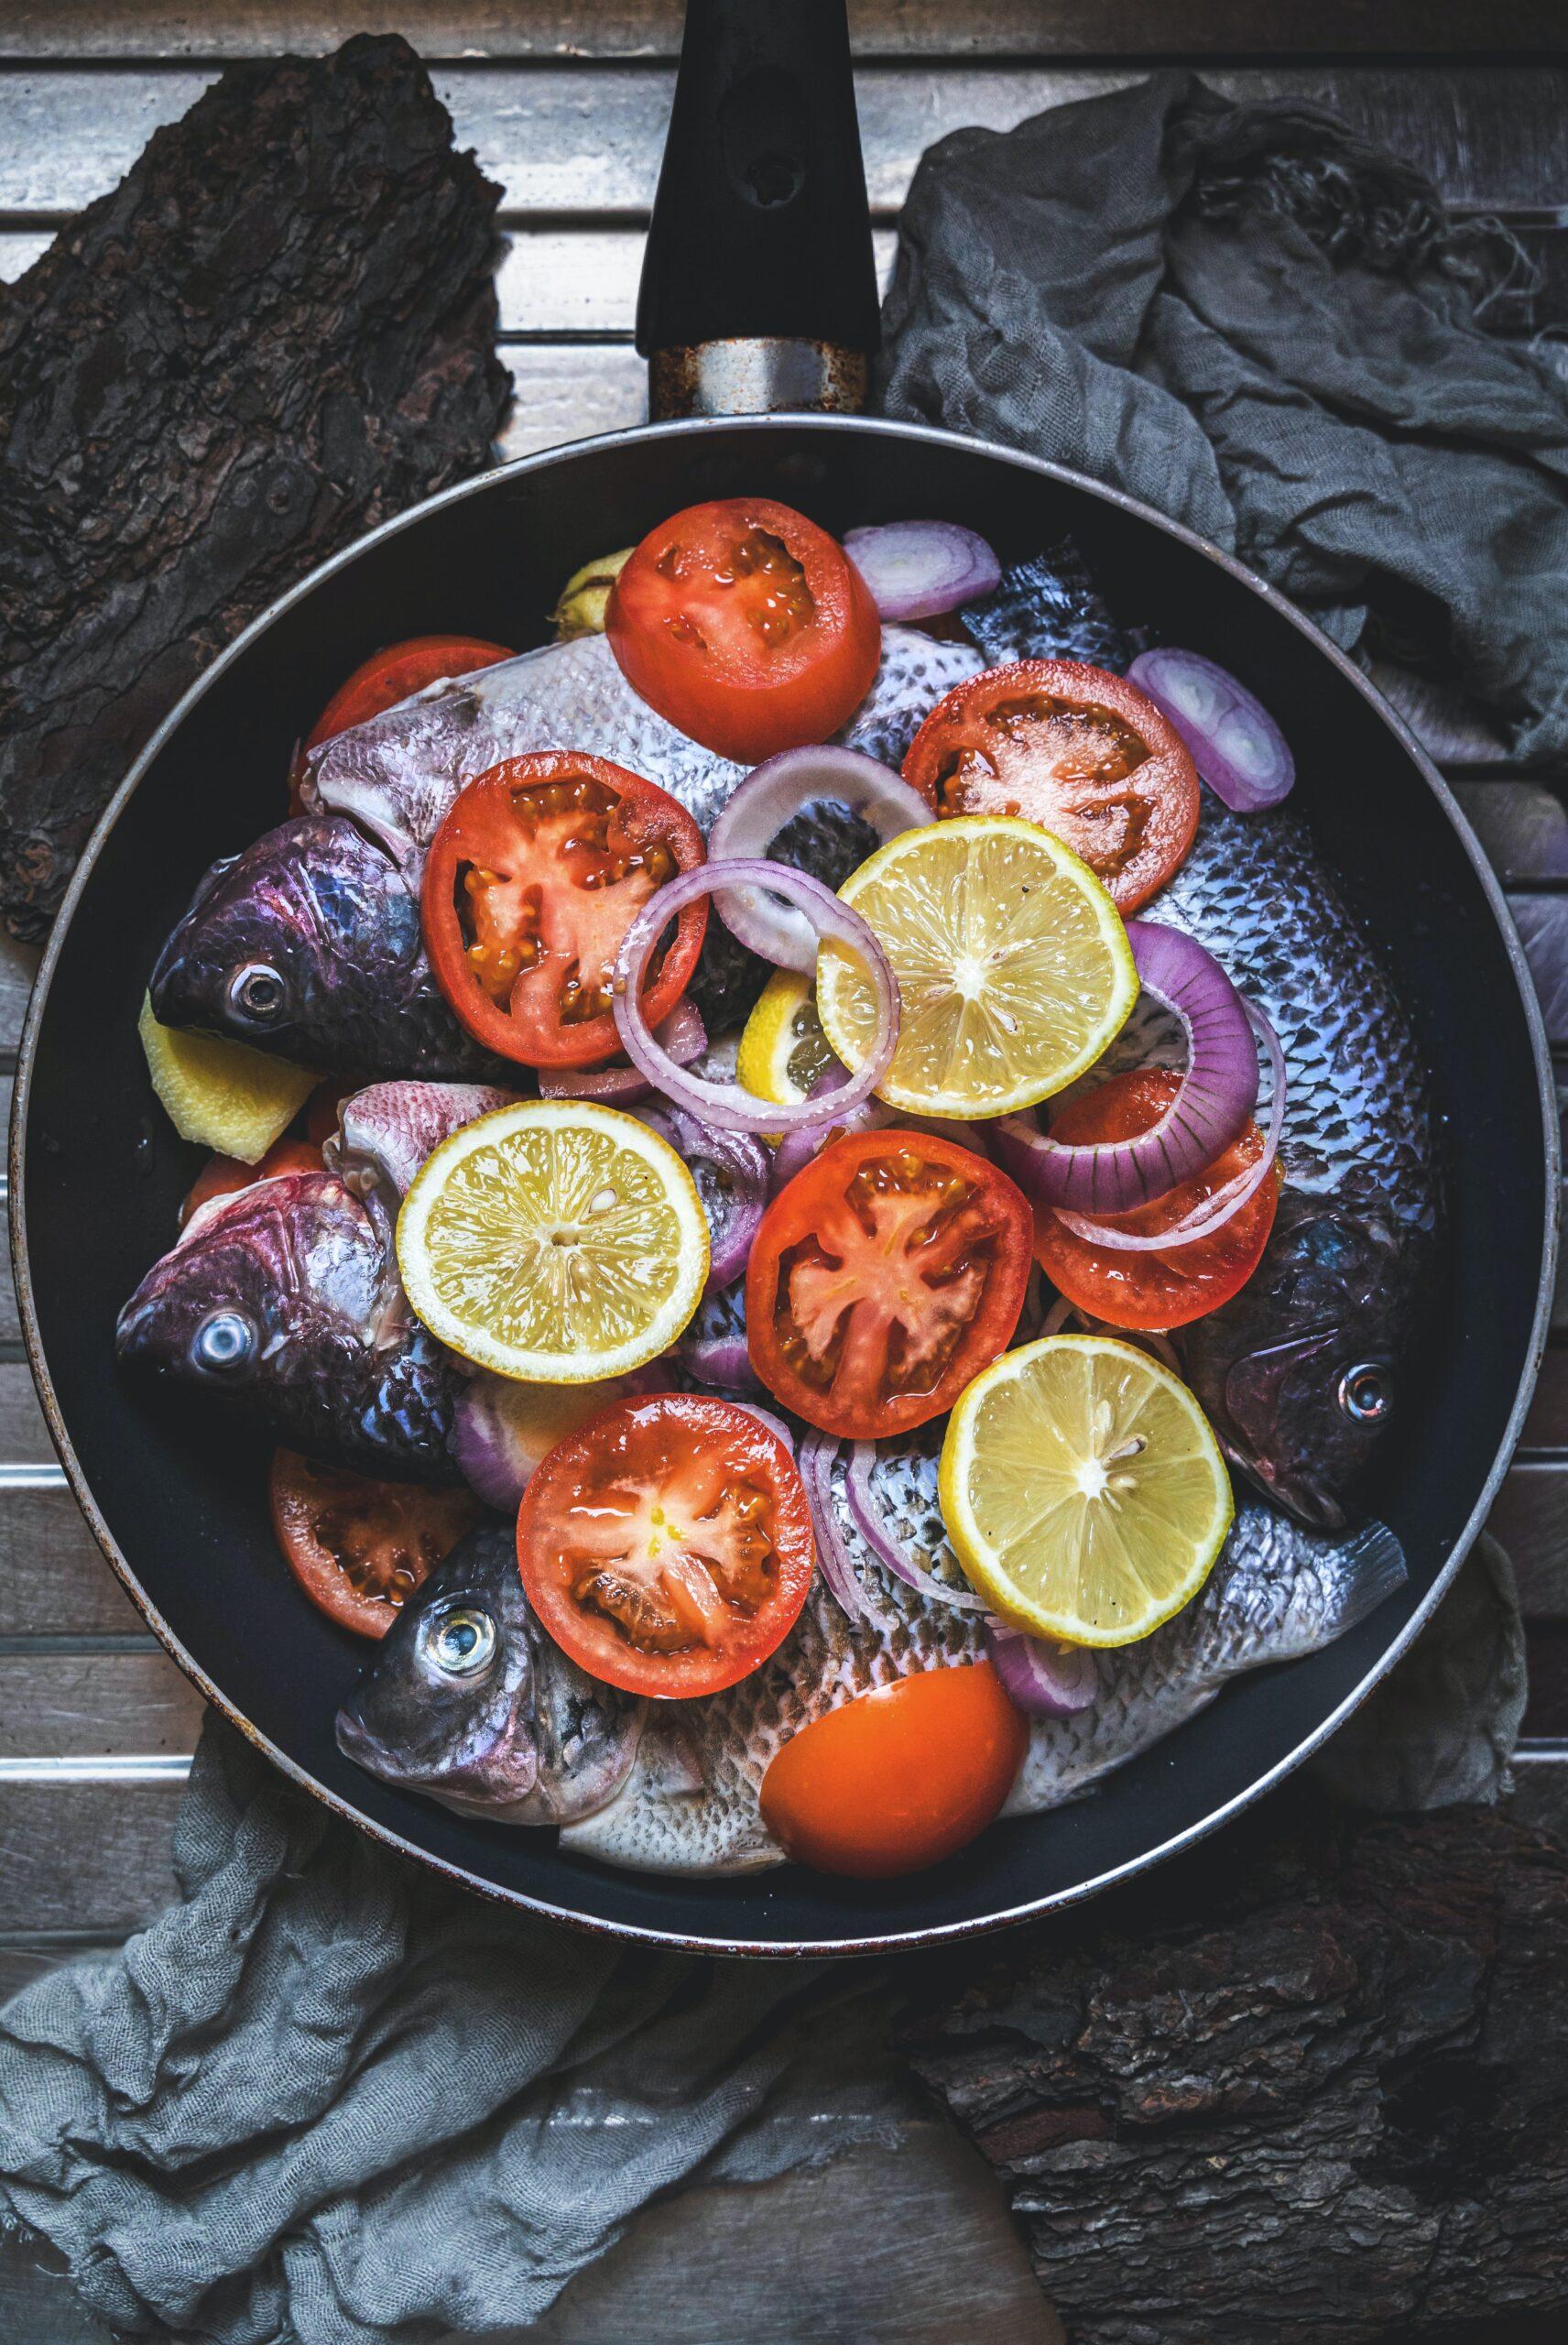 Žuvis keptuvėje su daržovėmis.